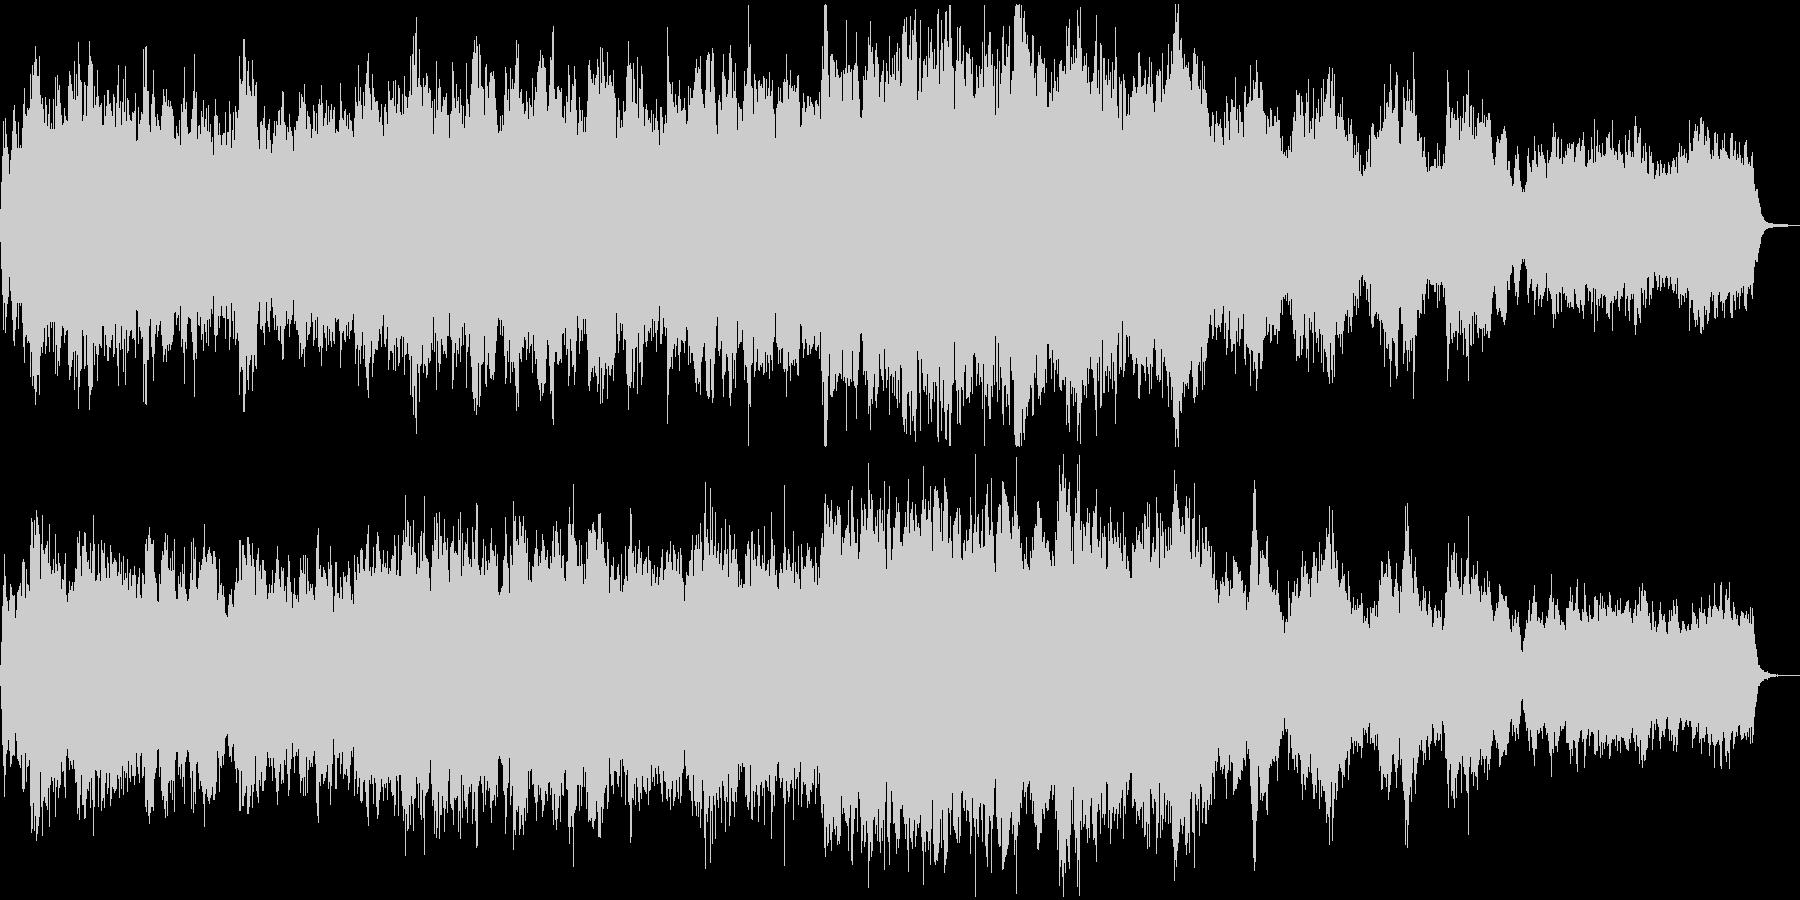 ワーグナーのマイスタージンガーよりの未再生の波形